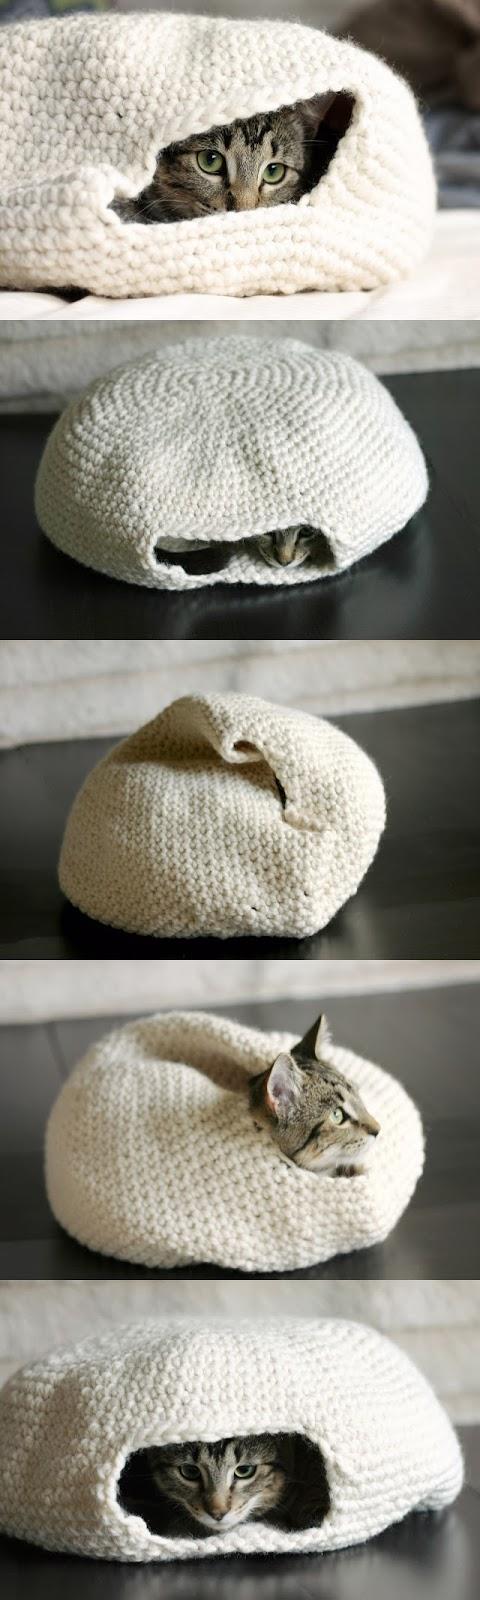 Crochet Pattern For Cat Bed : DIY Crochet cat bed - HANDY DIY